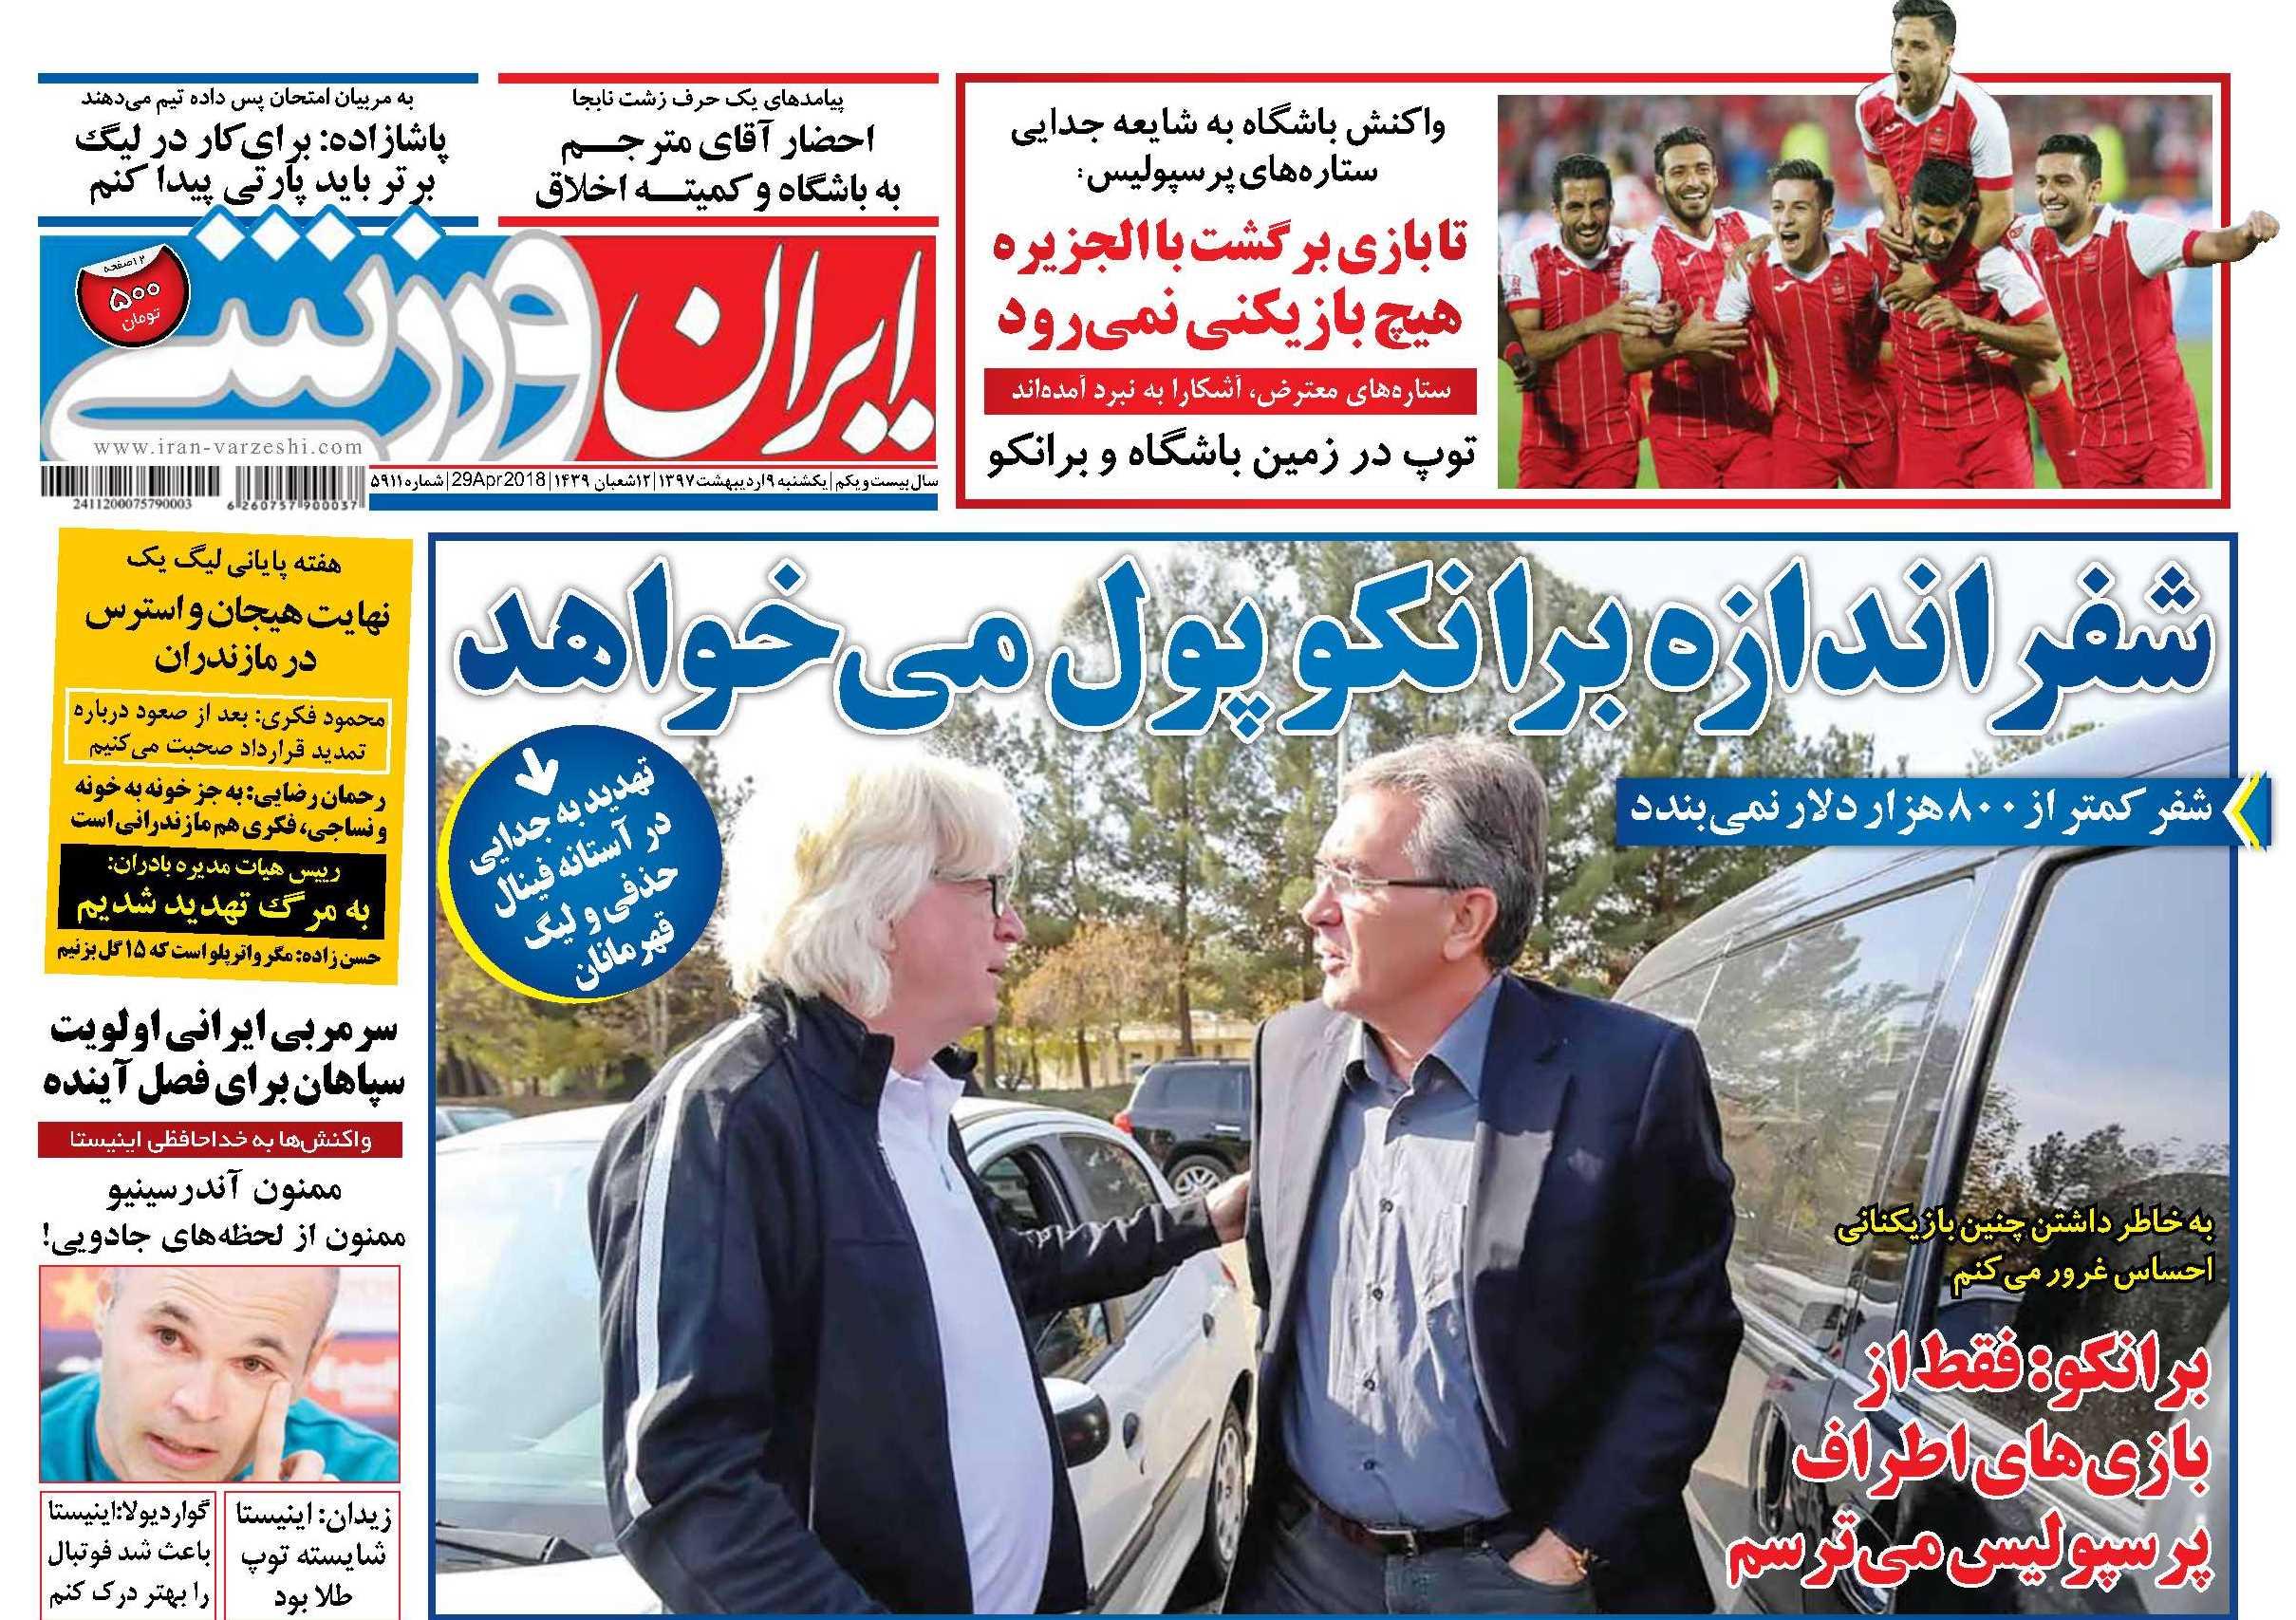 روزنامه ایران ورزشی - 9 اردیبهشت